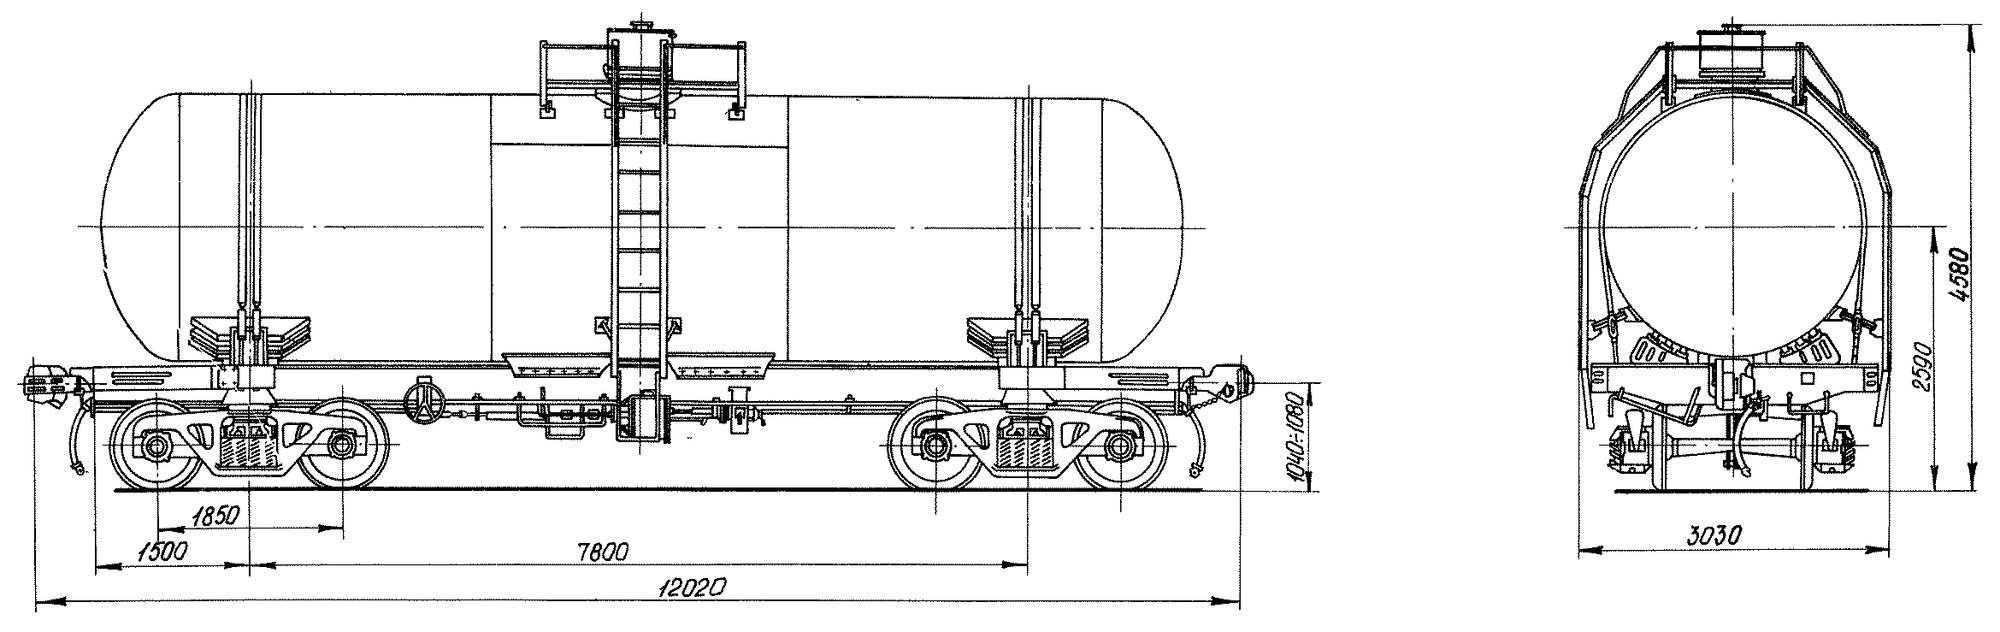 4-осная цистерна для углеводородных газов